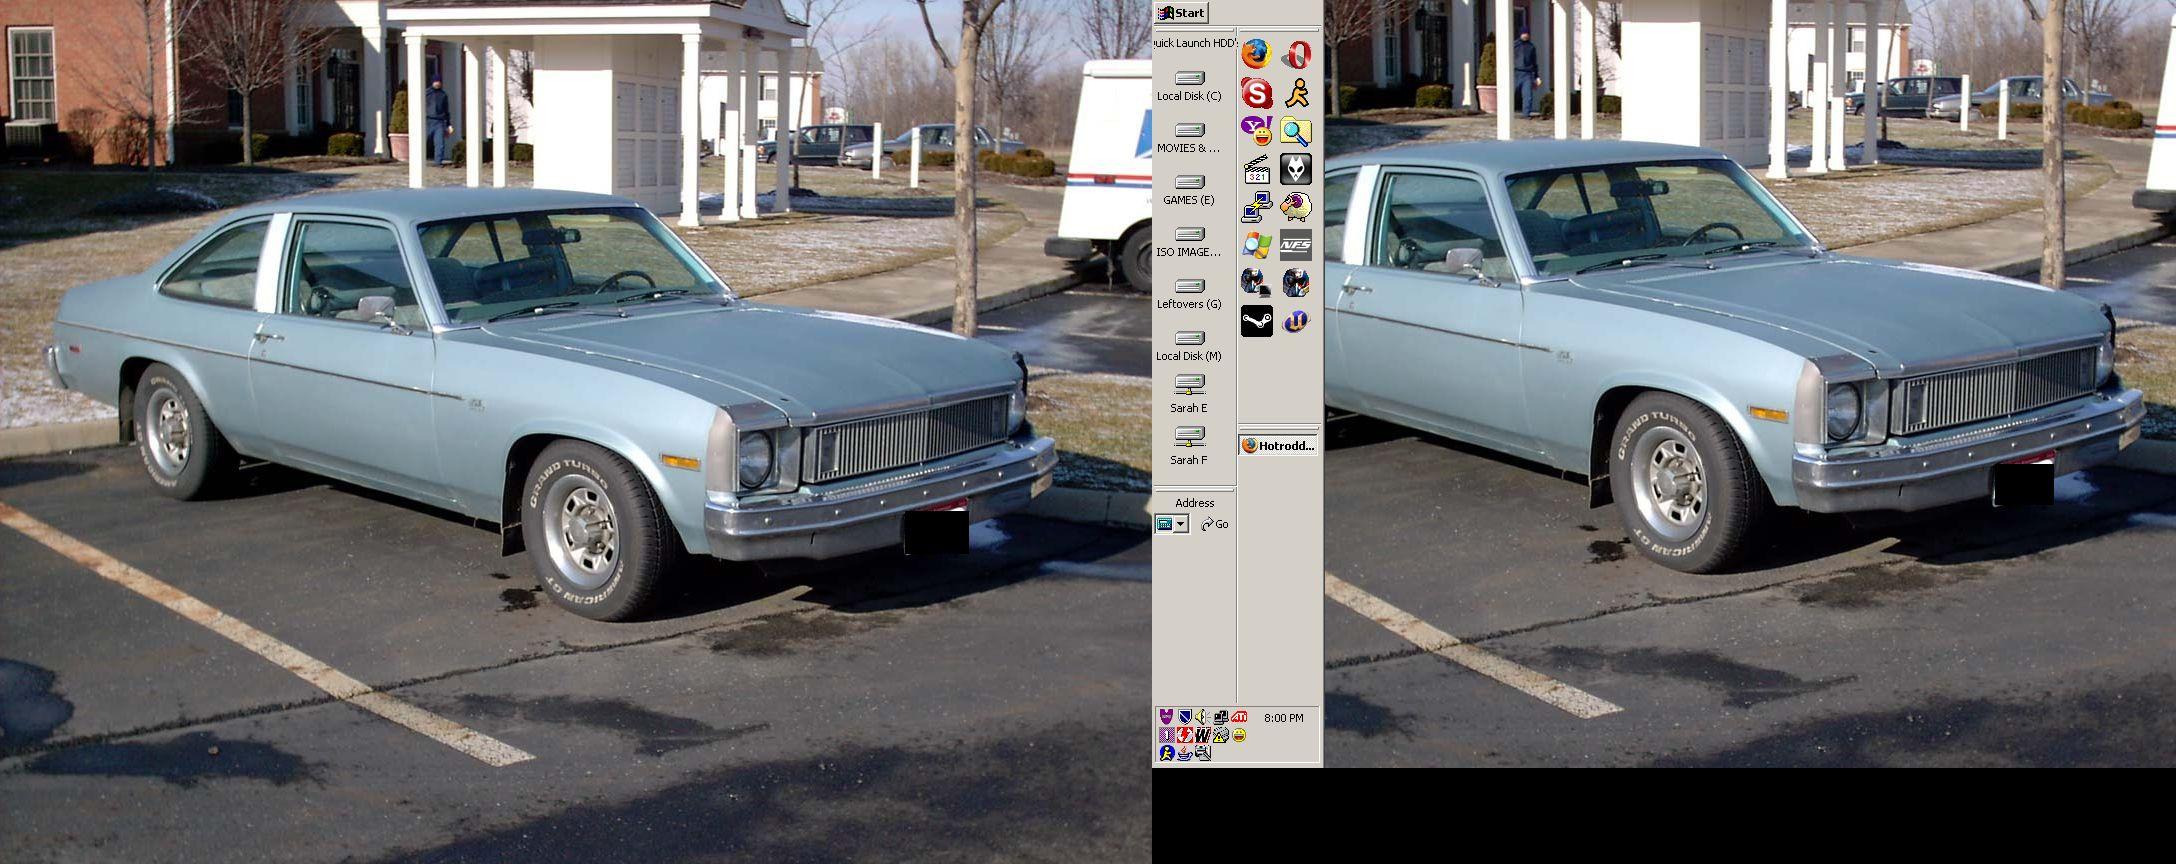 Click image for larger version  Name:desktophotrodders.jpg Views:486 Size:267.3 KB ID:4438